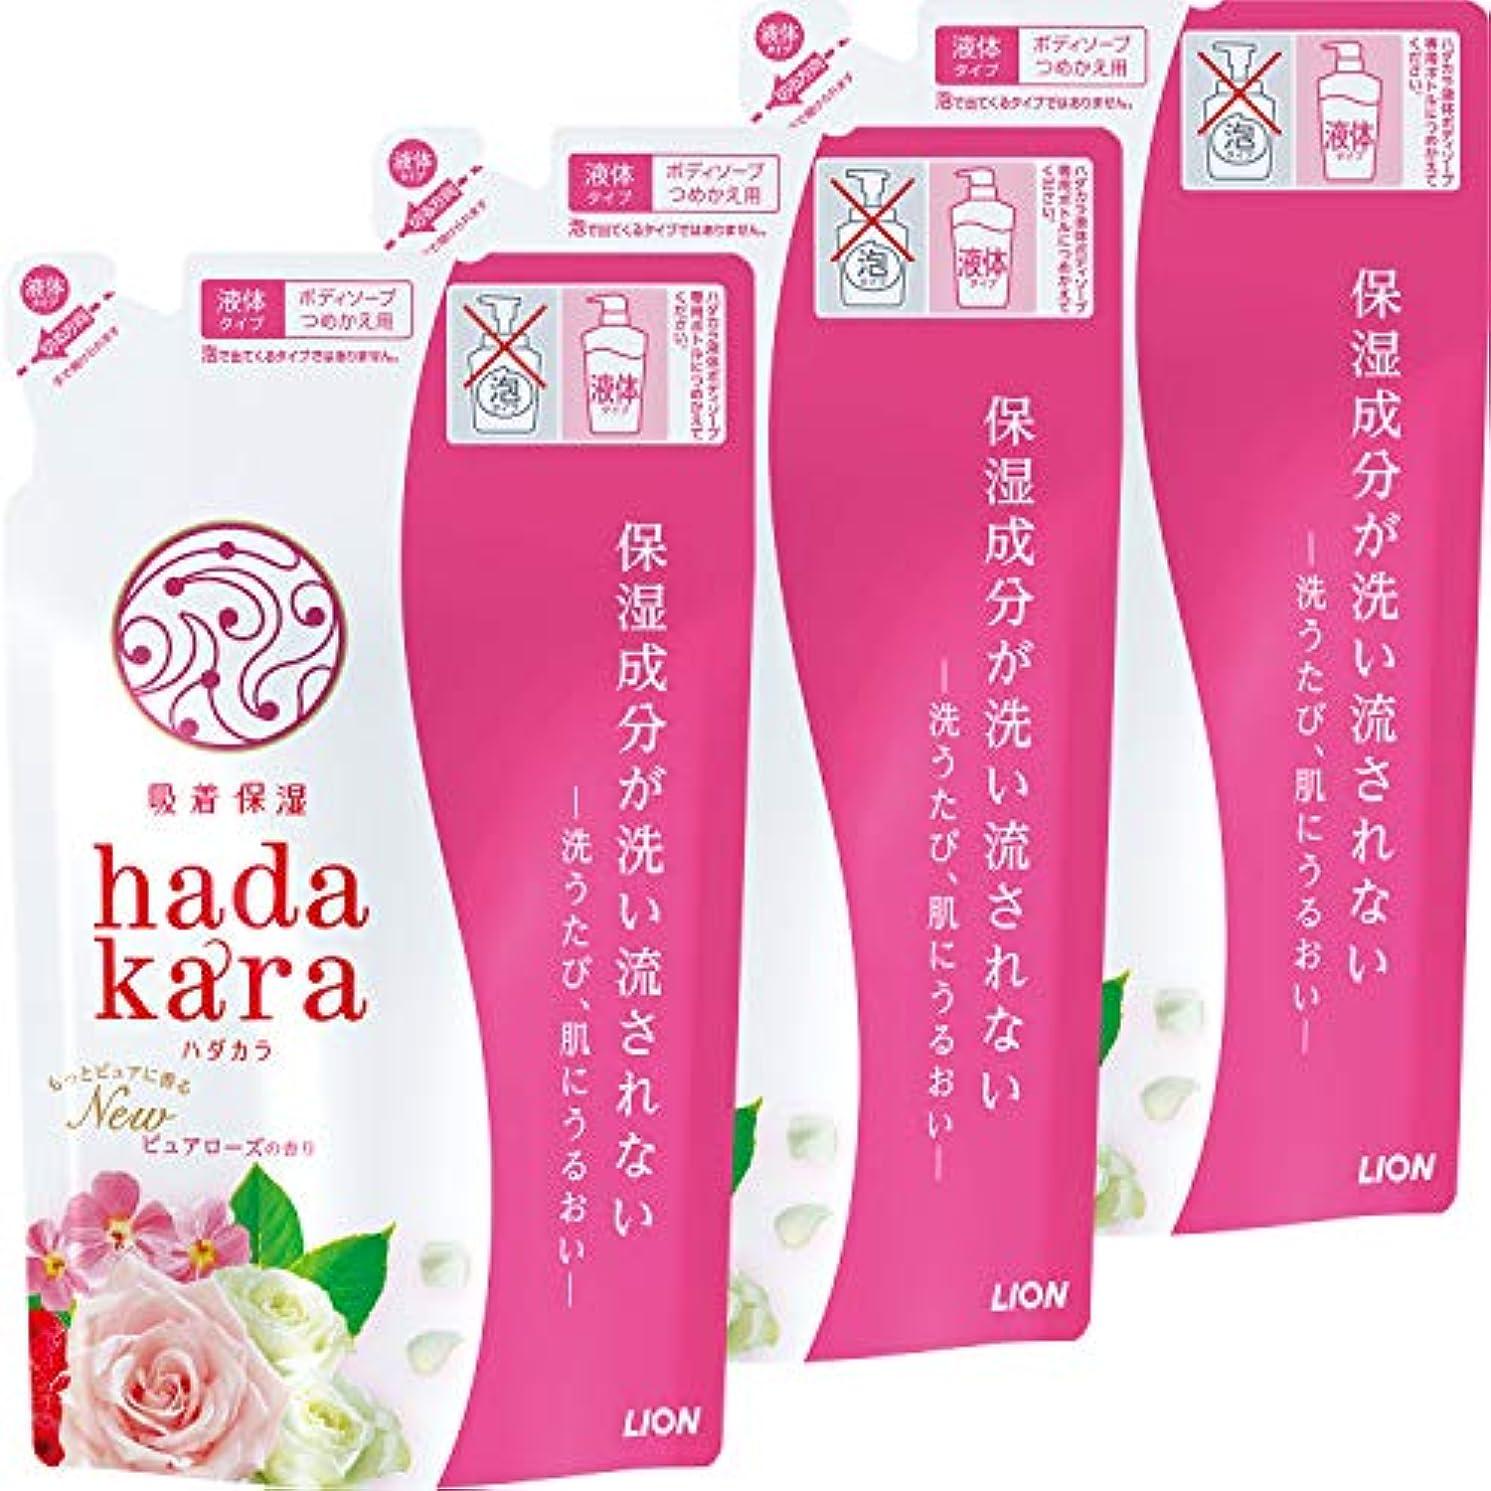 【まとめ買い】hadakara(ハダカラ) ボディソープ ピュアローズの香り つめかえ用 360ml×3個